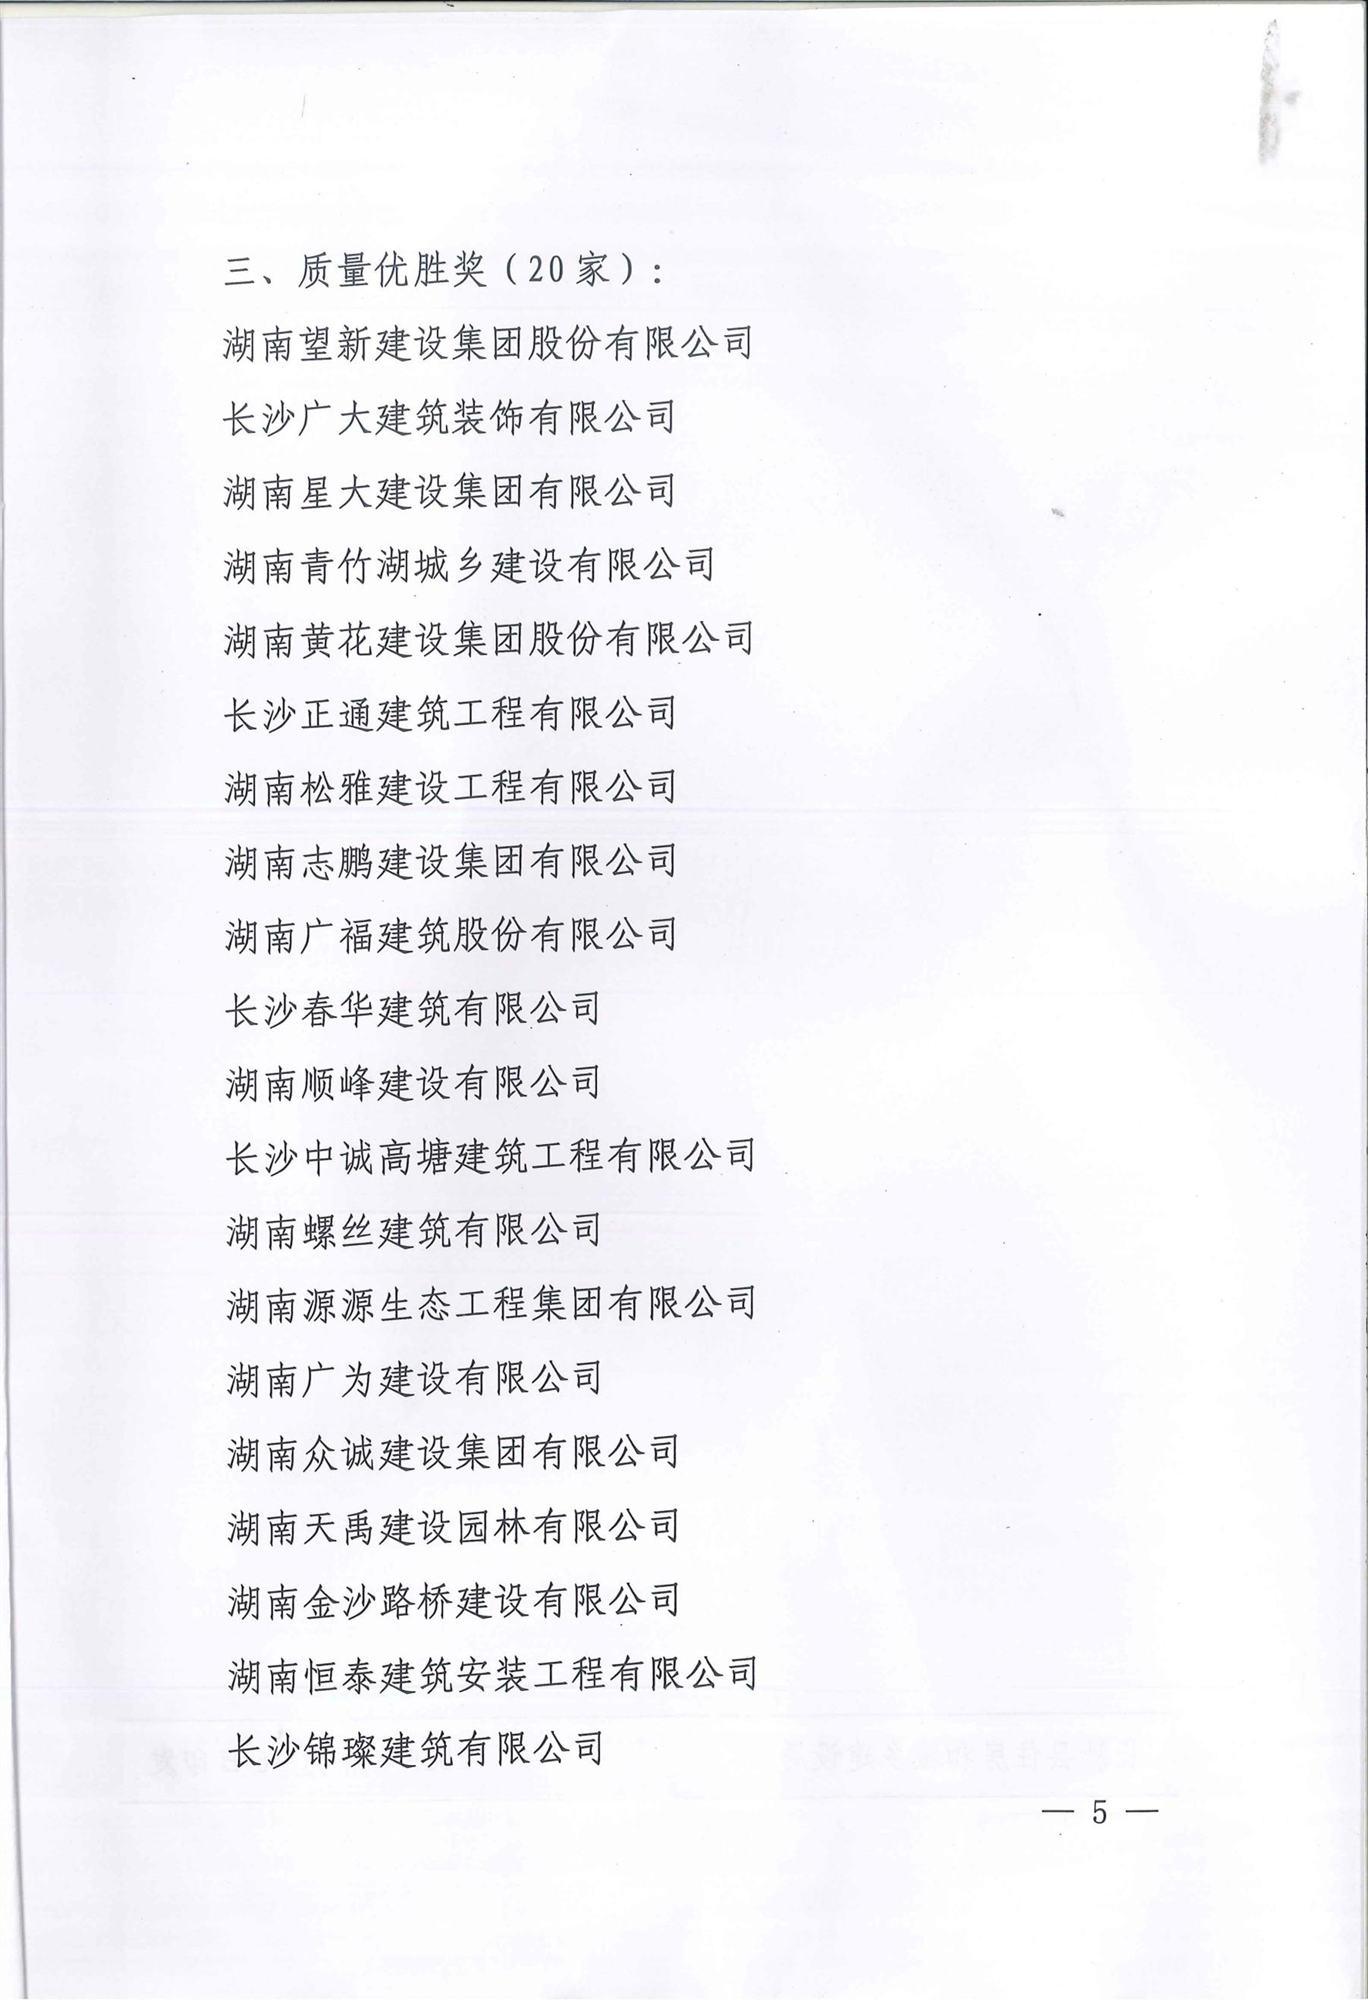 2018年度长沙县建筑企业信用评价结果